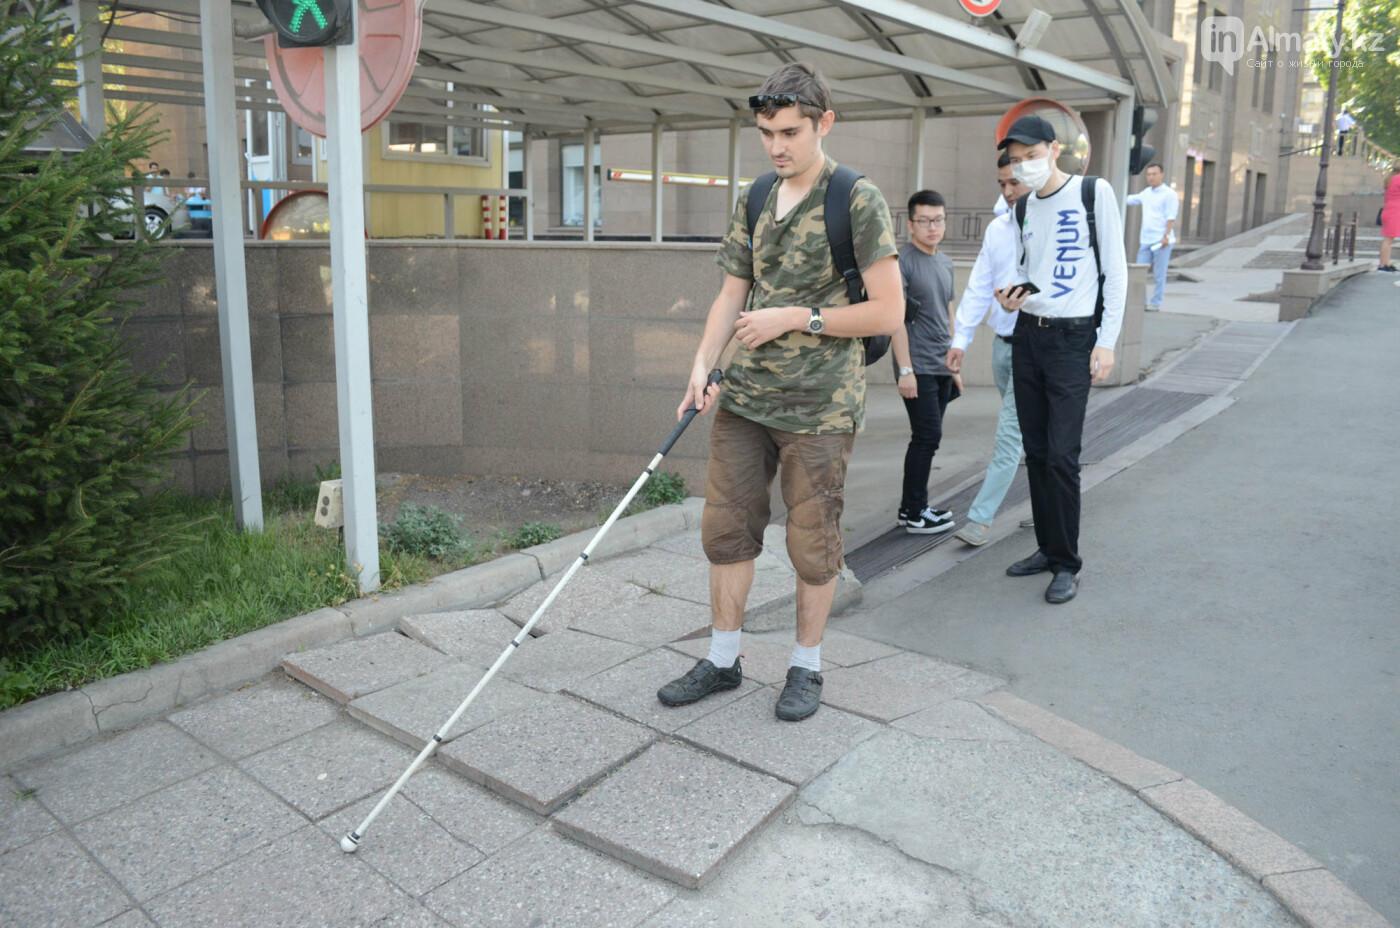 Недоступная среда: Почему реконструированная пешеходная зона по Назарбаева неудобна для инвалидов, фото-8